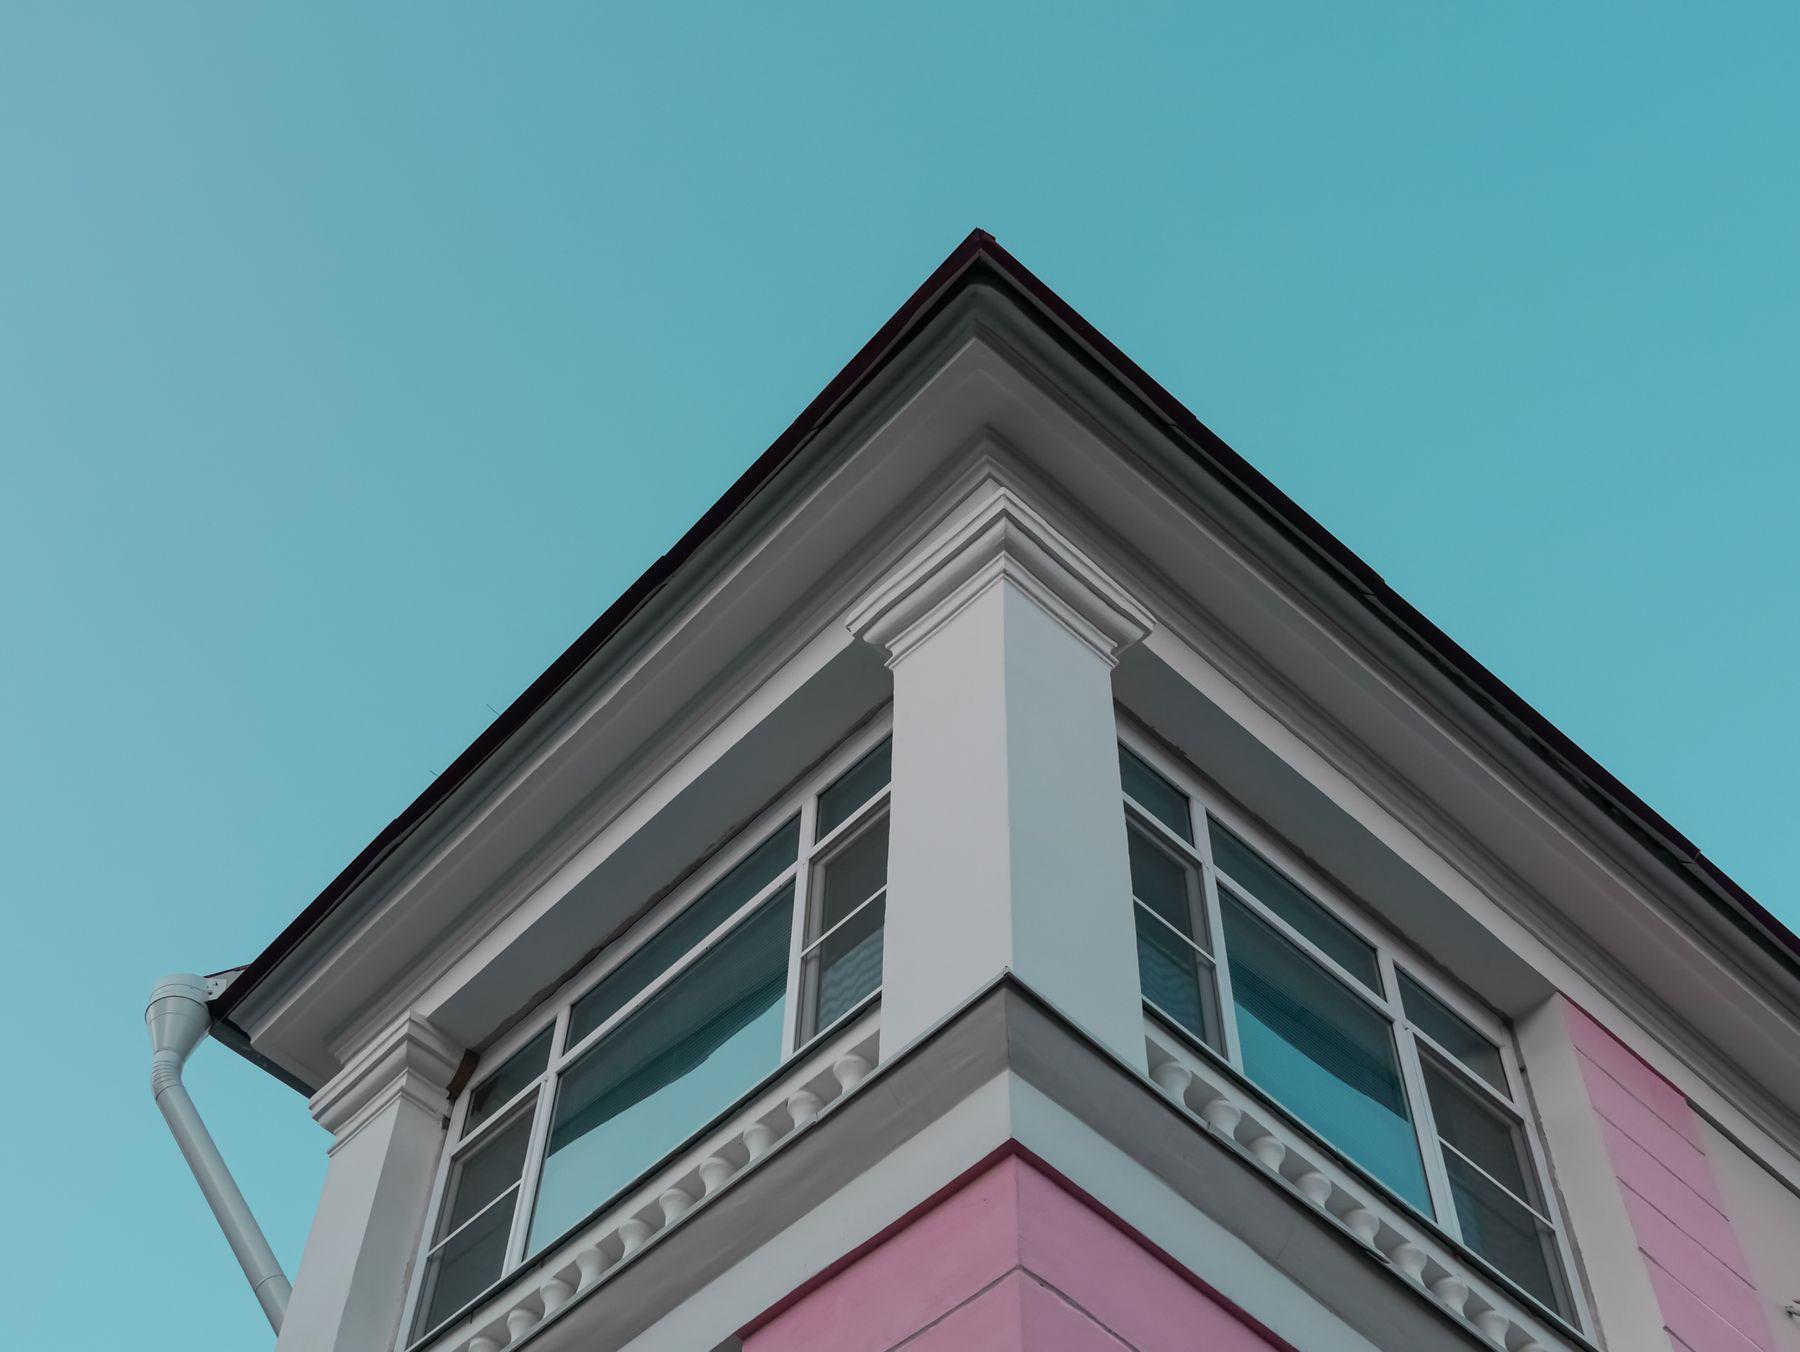 Угол дома с балконом Дом балкон небо